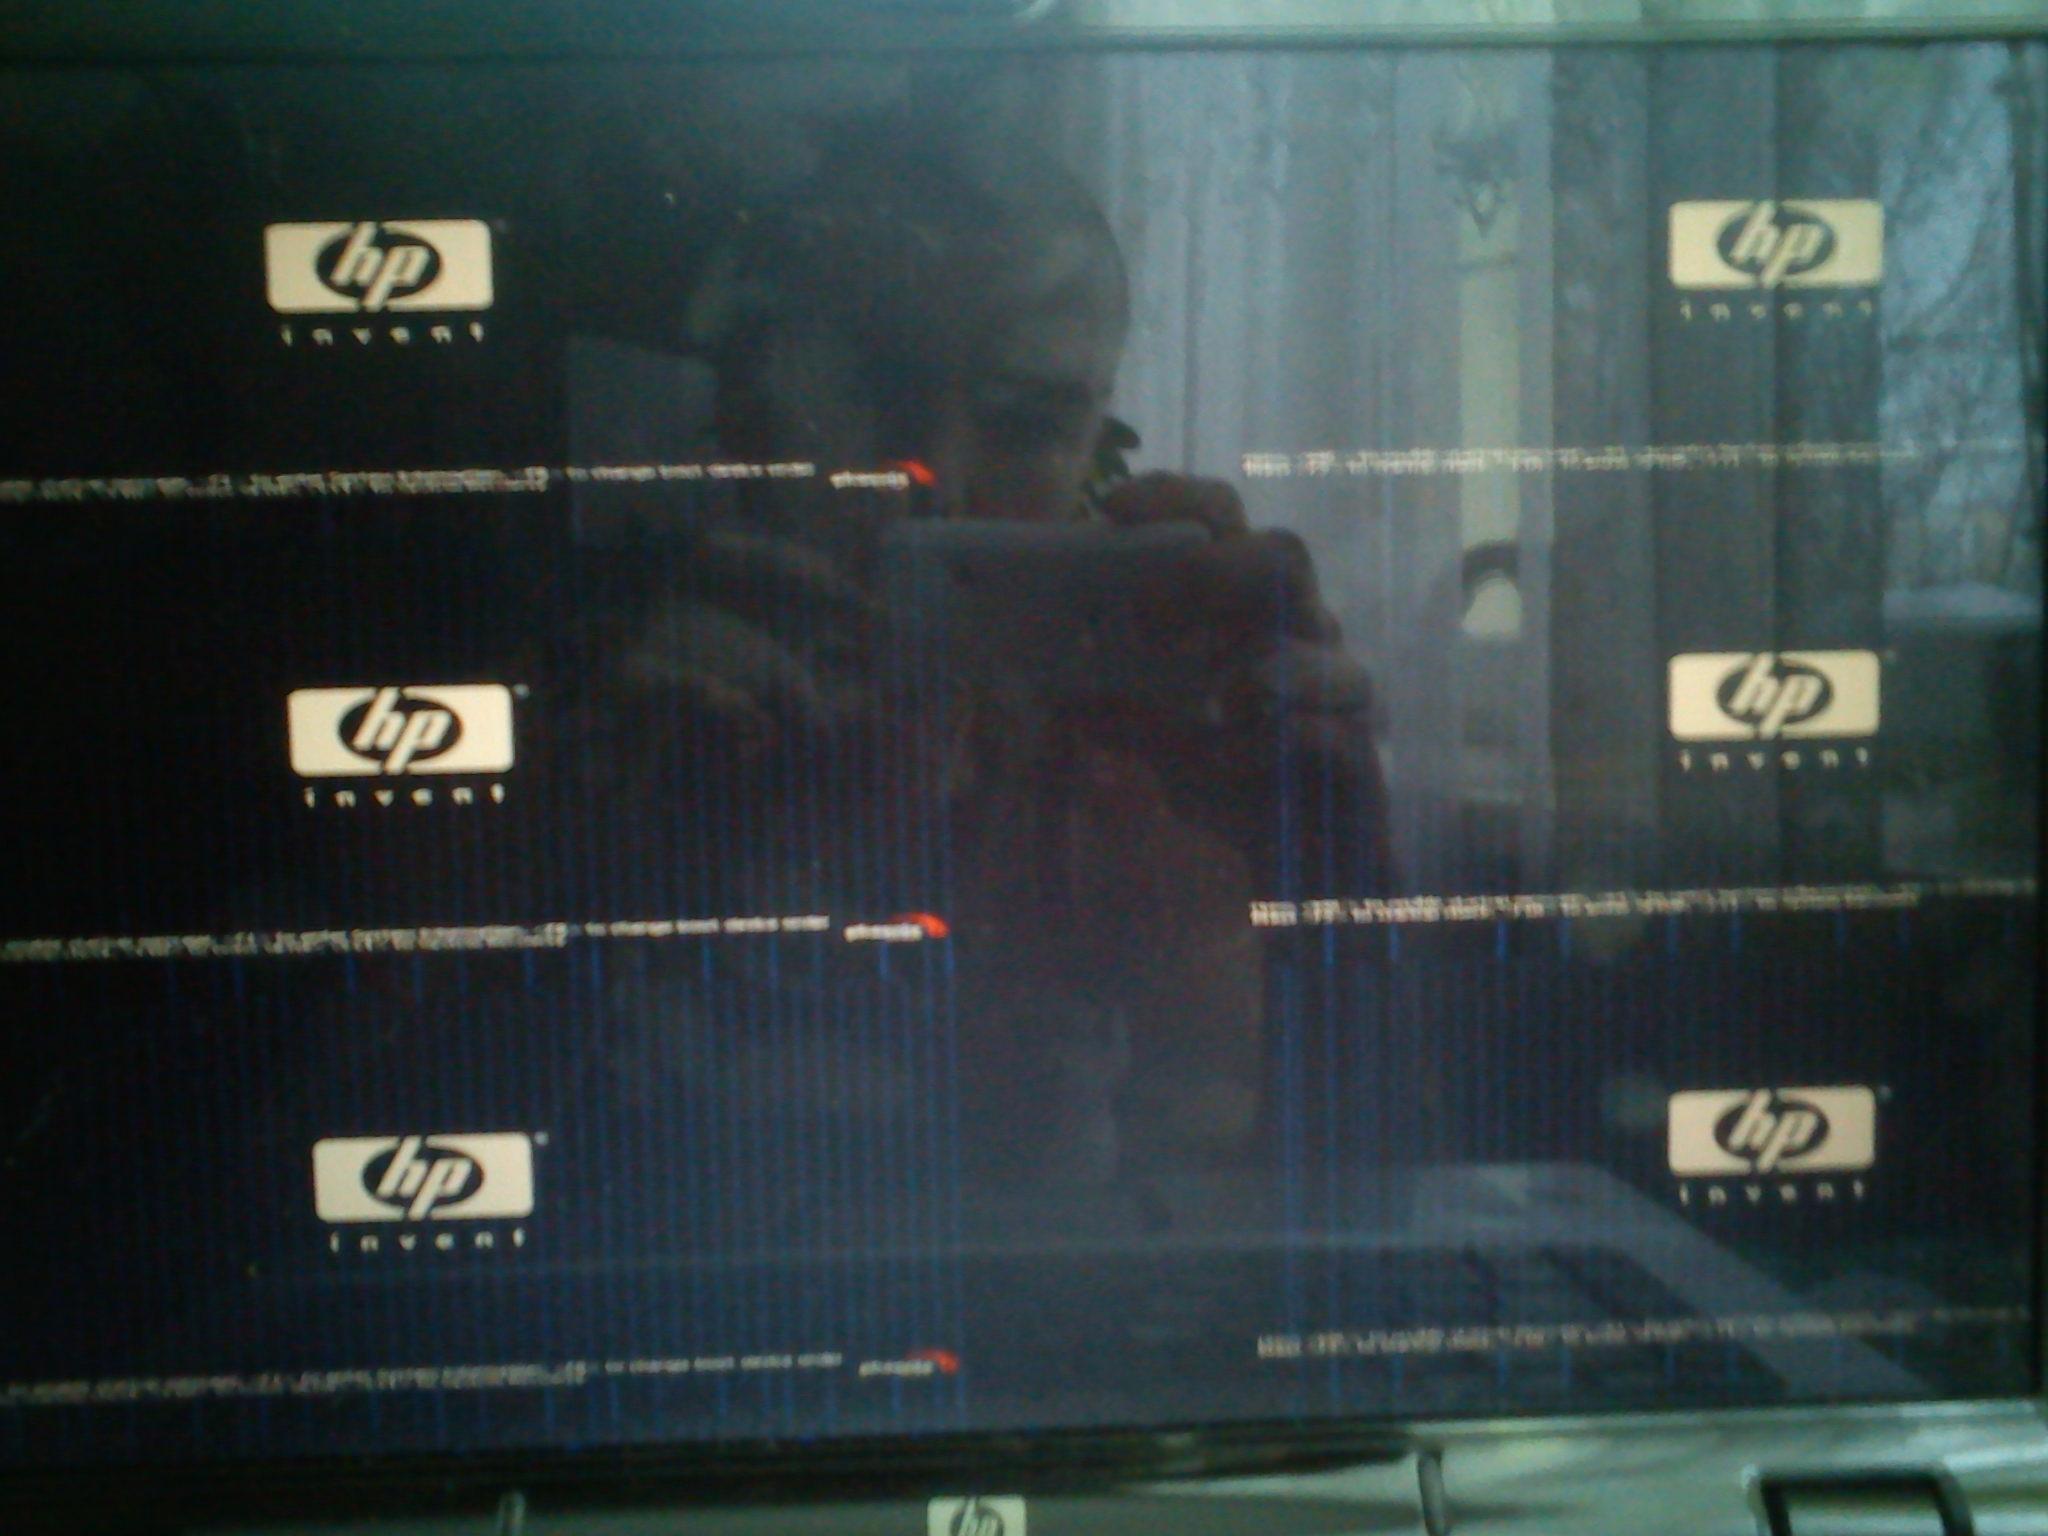 HP Pavilion dv6000 - Prawdopodobnie problem z grafik� 8400M